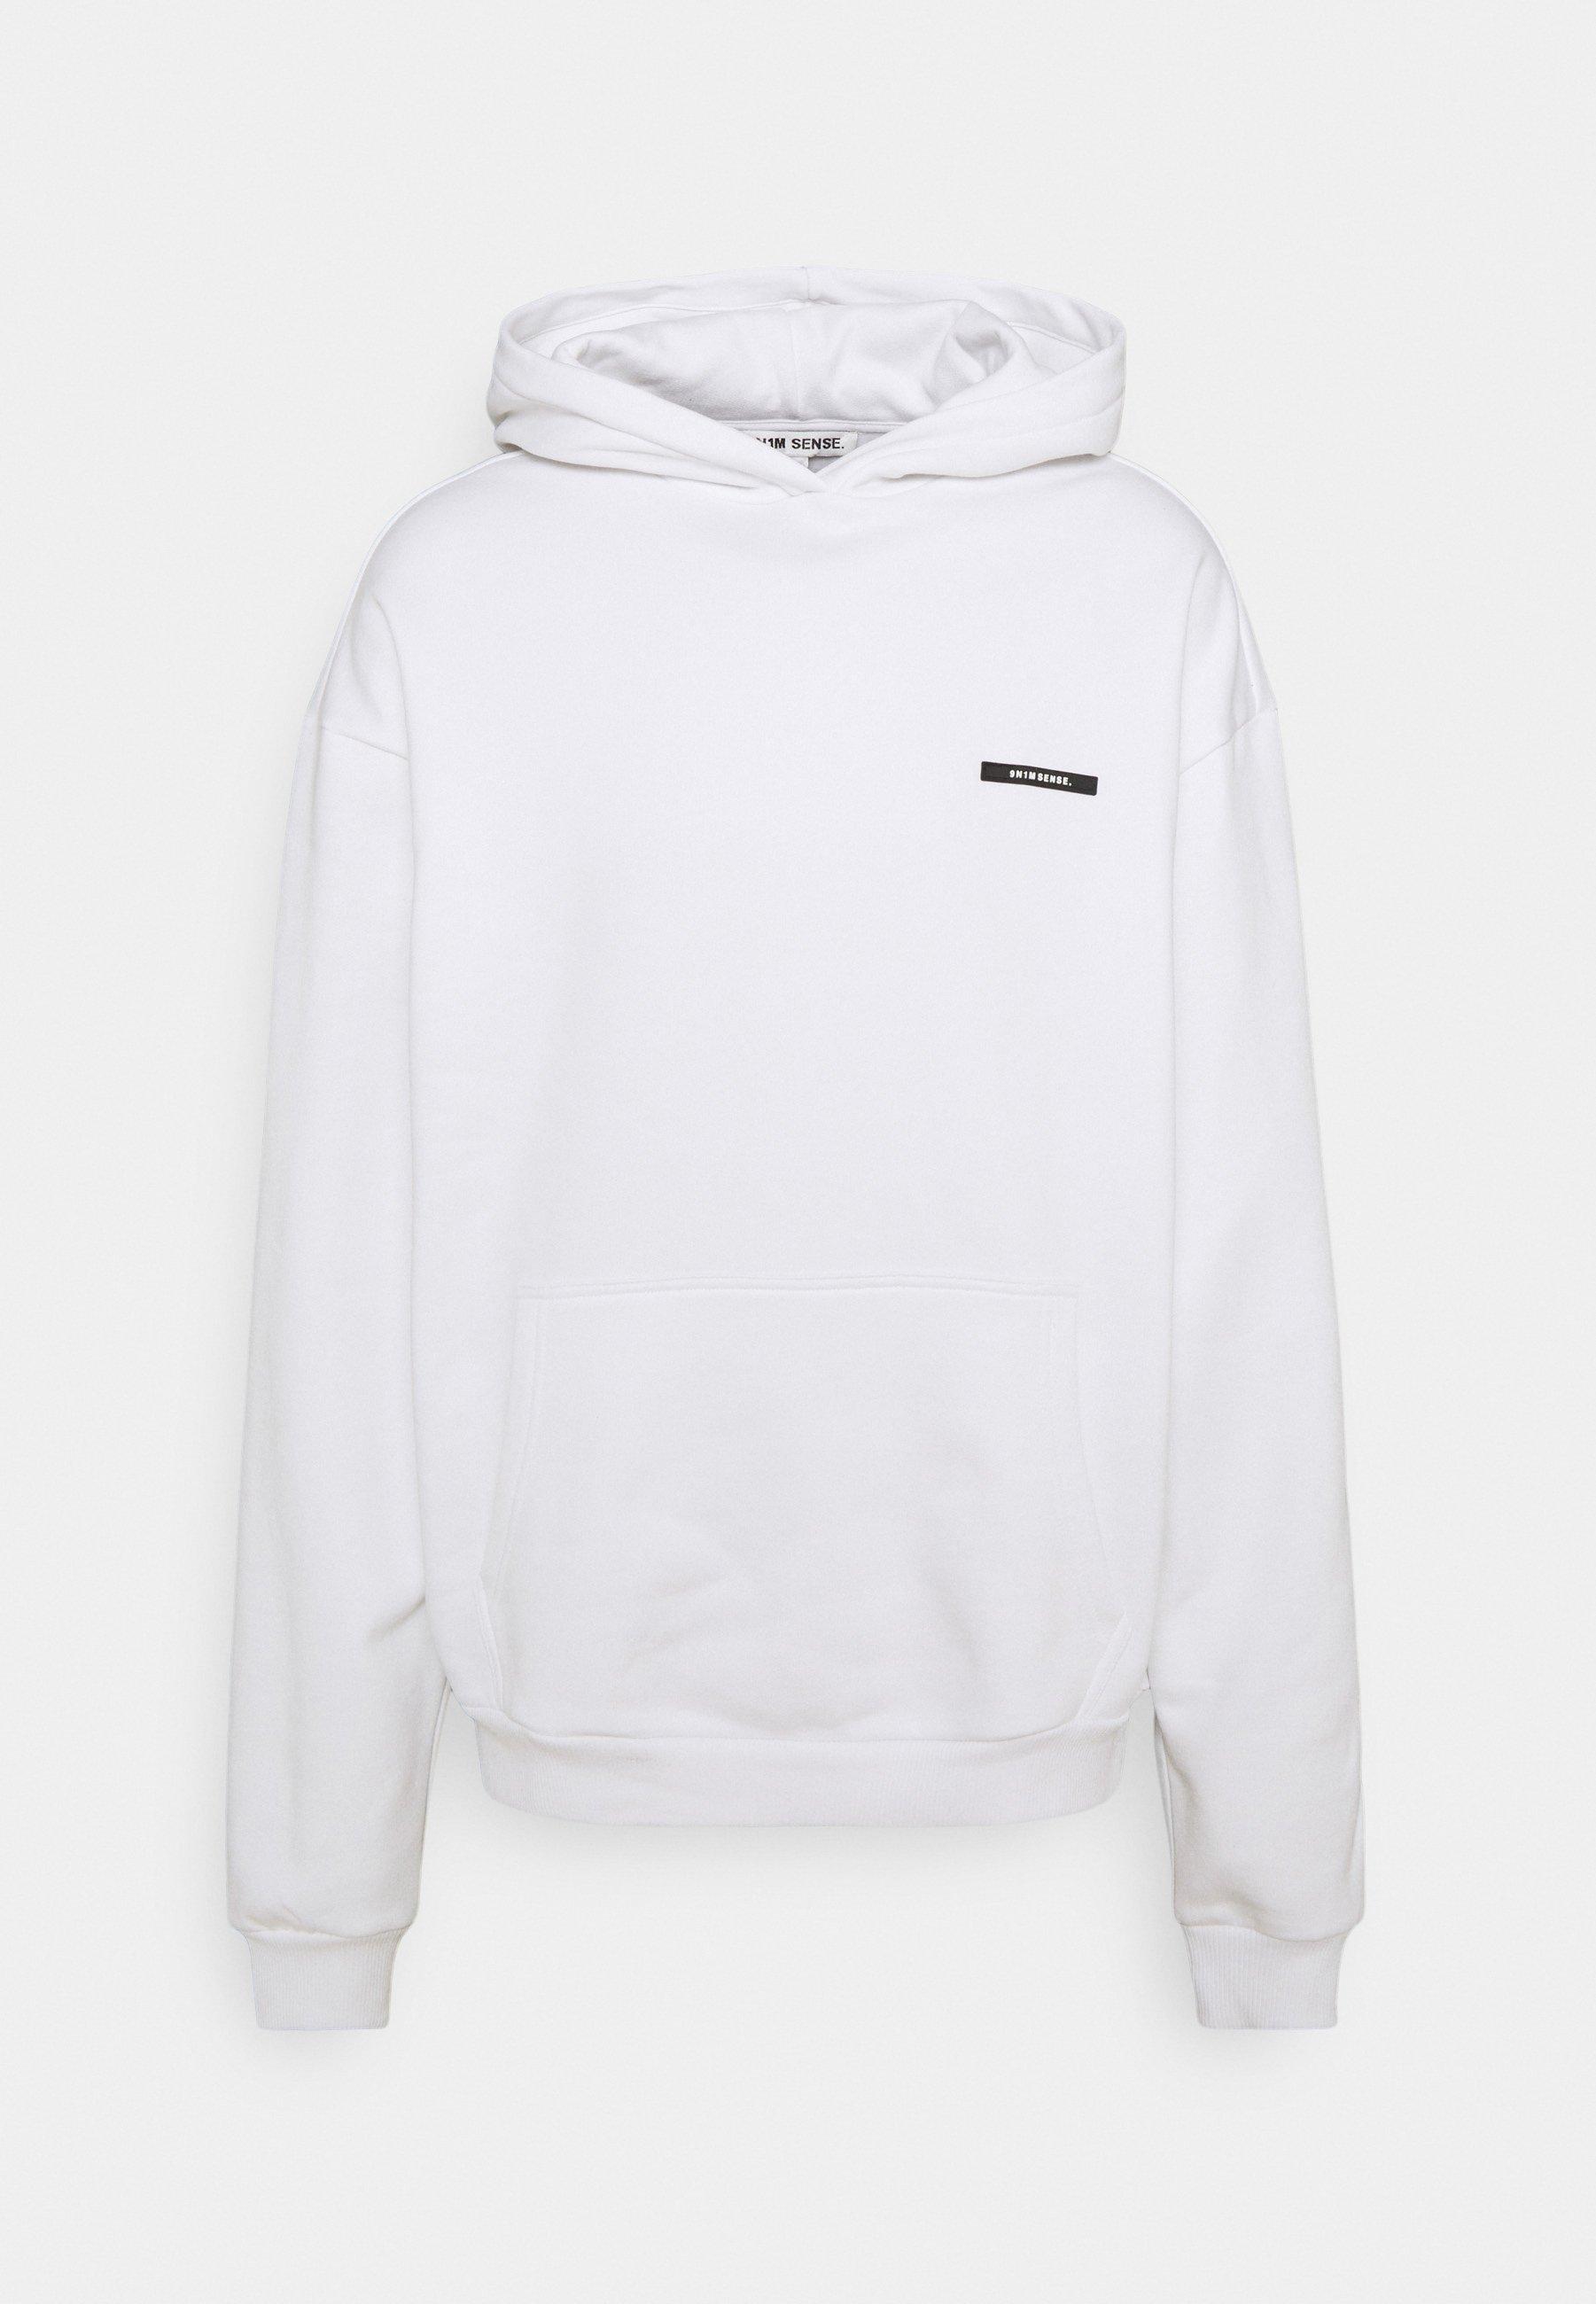 Homme PEACOCK HOODIE UNISEX - Sweatshirt